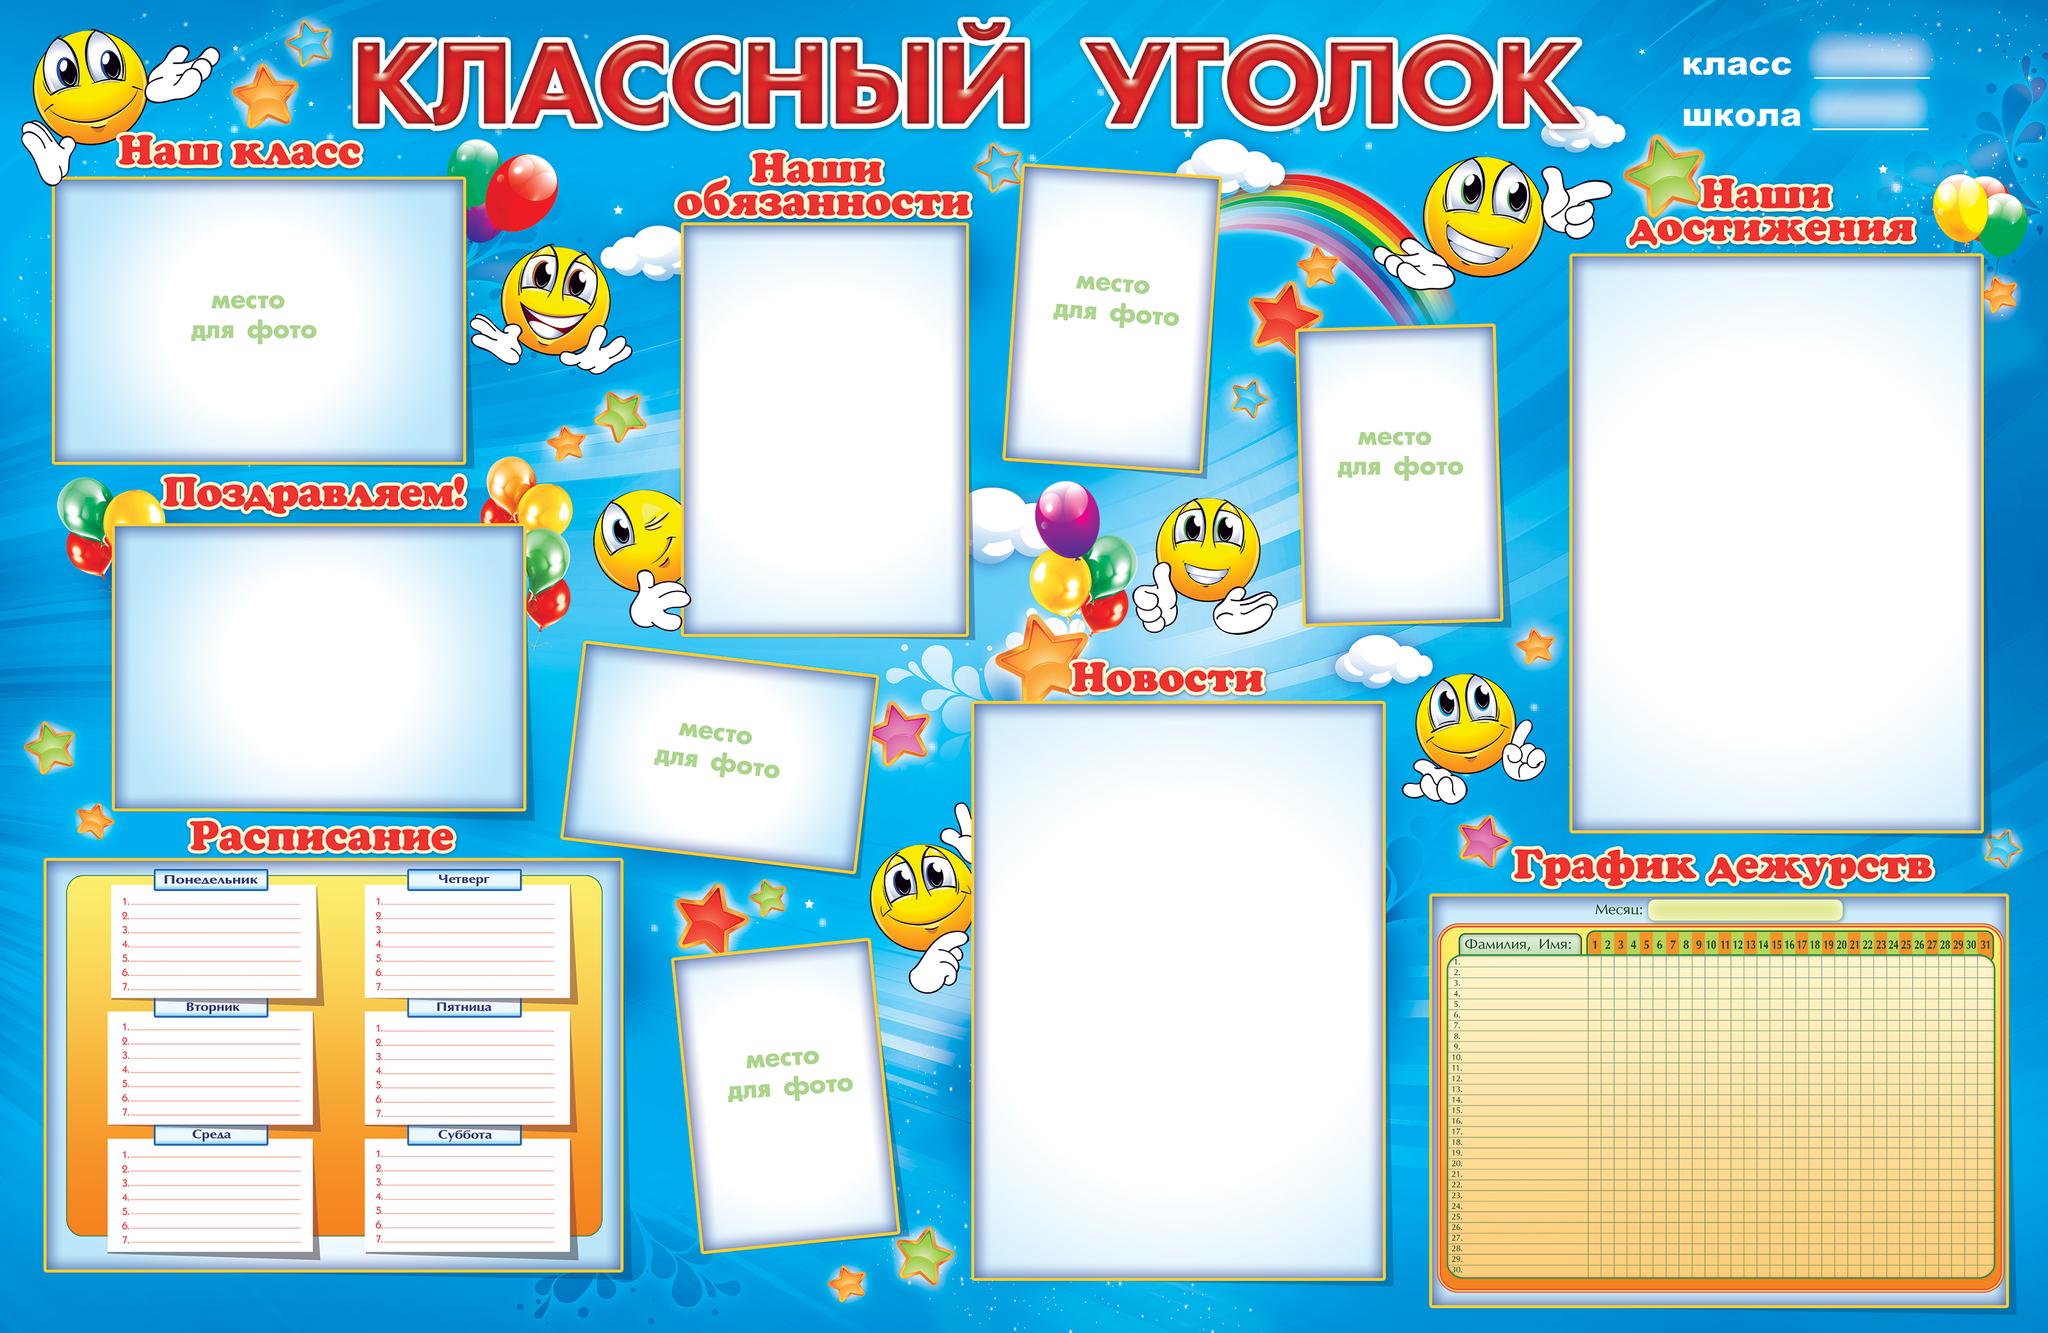 Картинки на классный уголок начальных классов